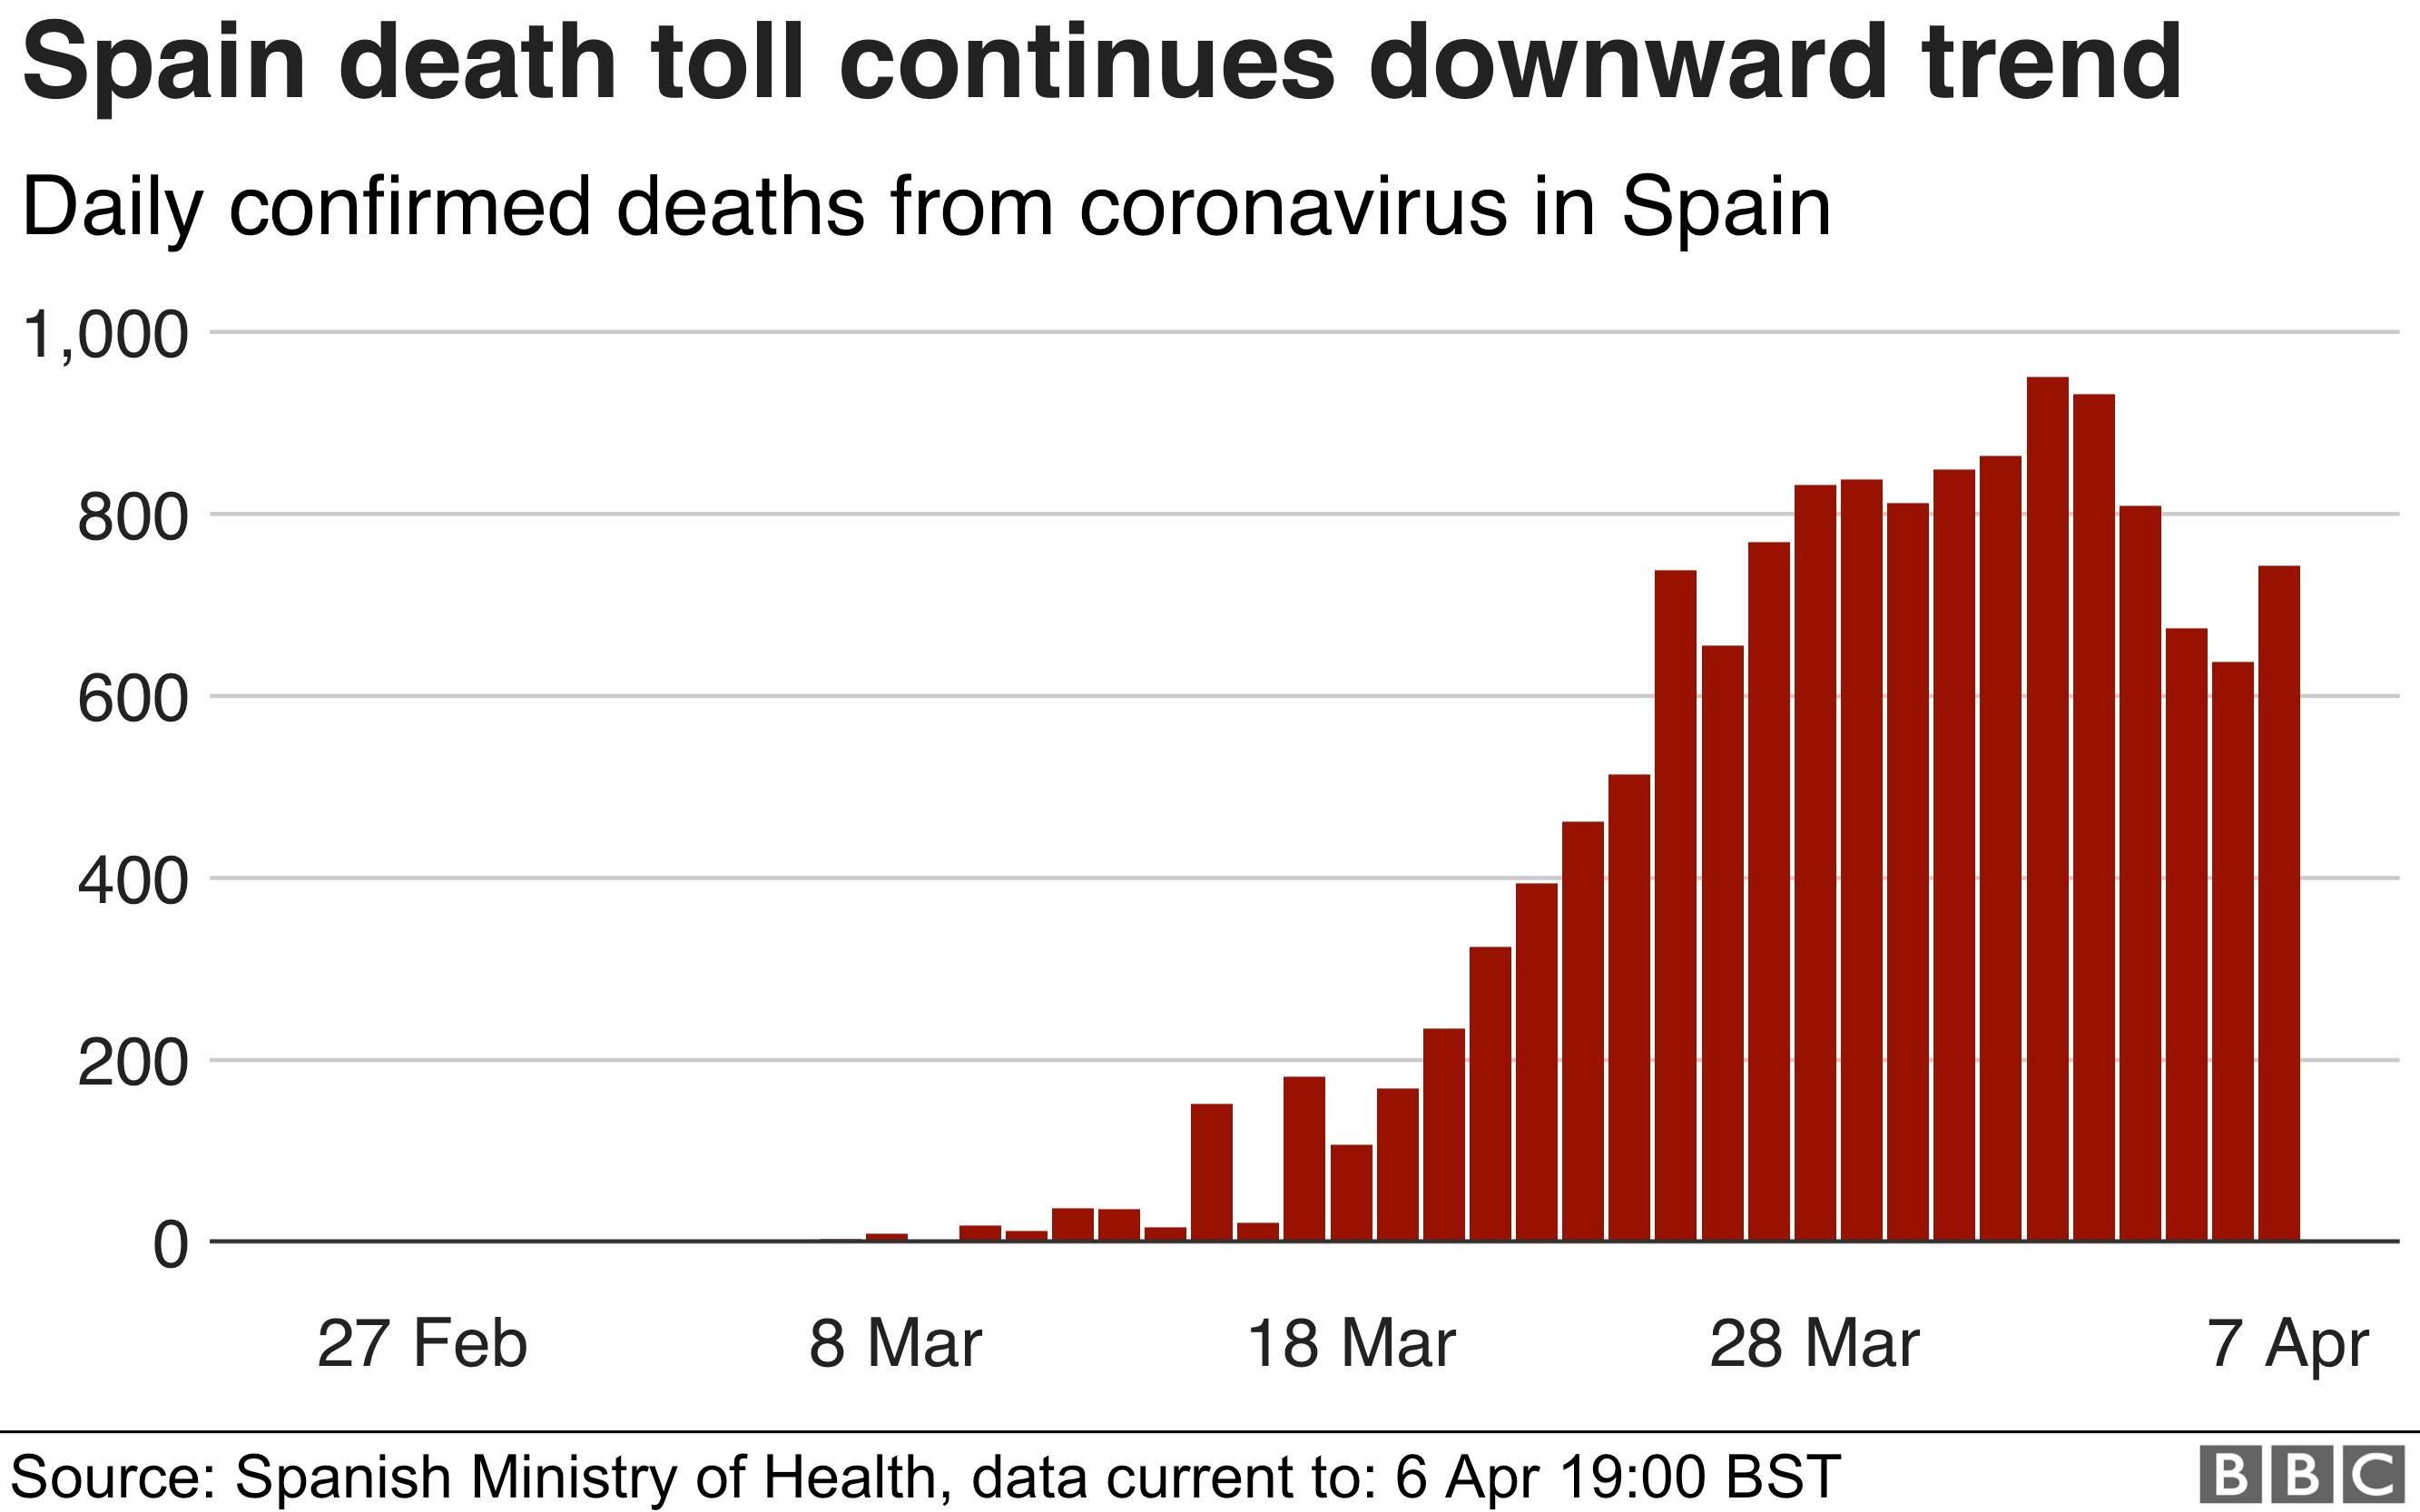 條形圖顯示西班牙的死亡人數已降至3月24日以來的最低水平